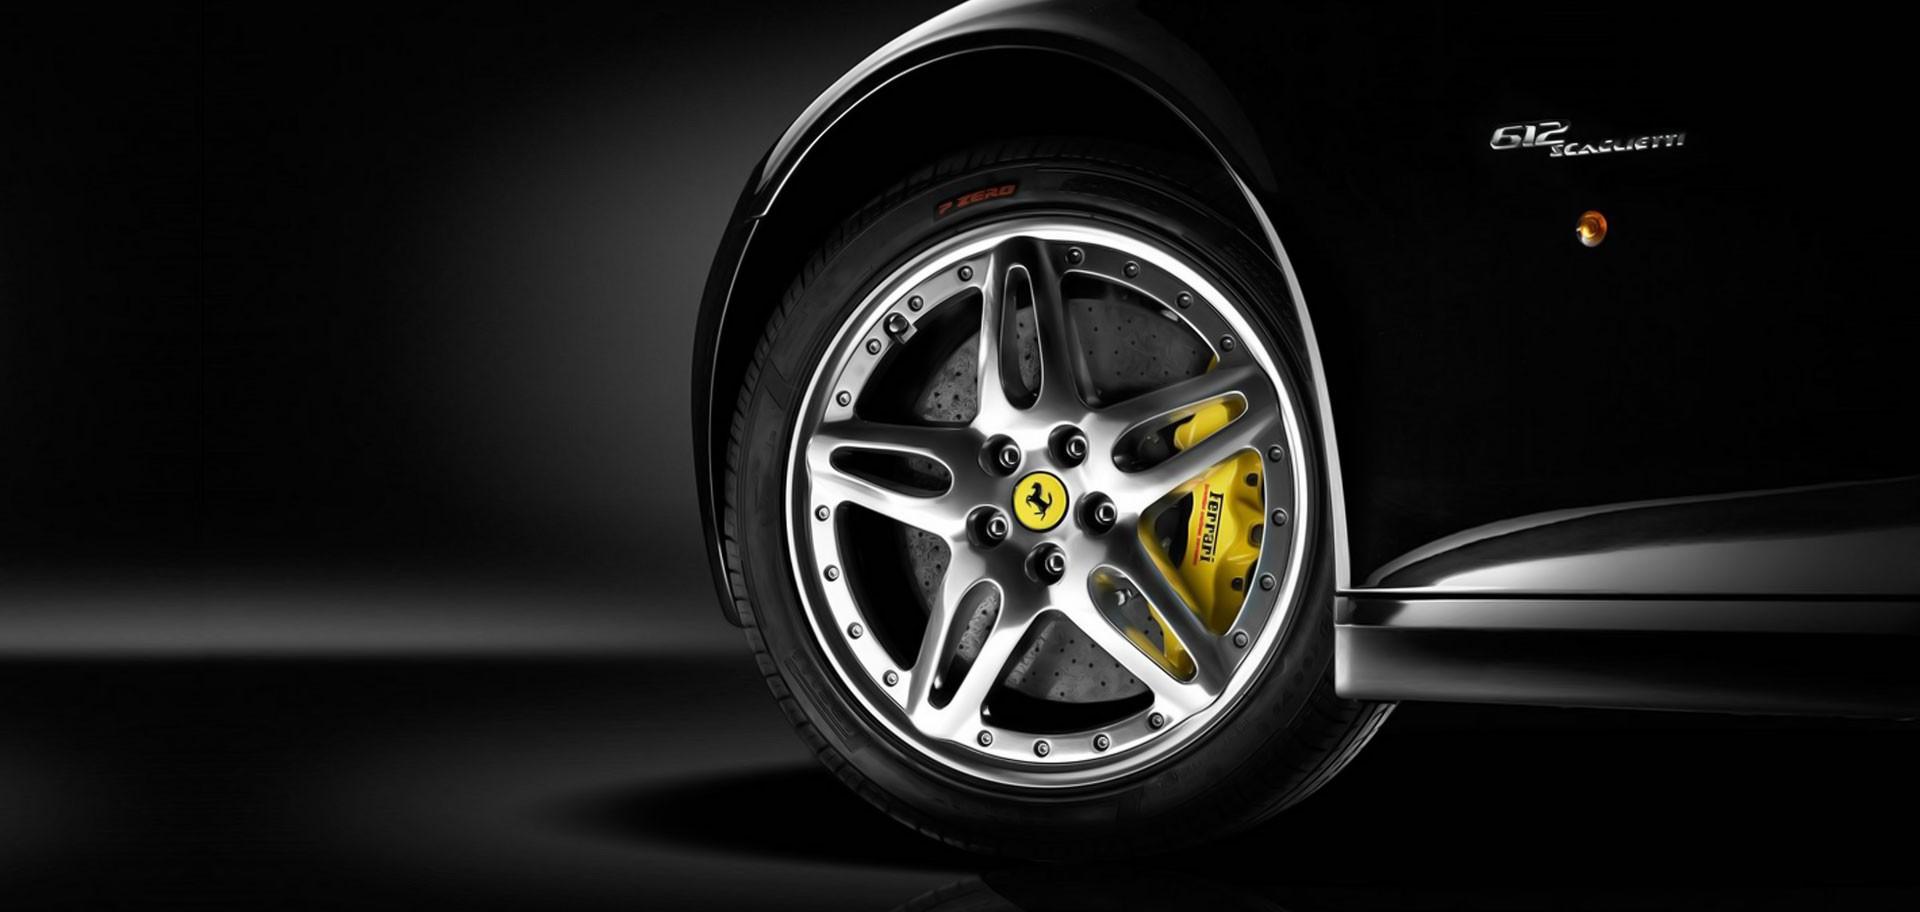 Ferrari-612-Scaglietti-Tyre-Alloy-Closeup-e1422193863446